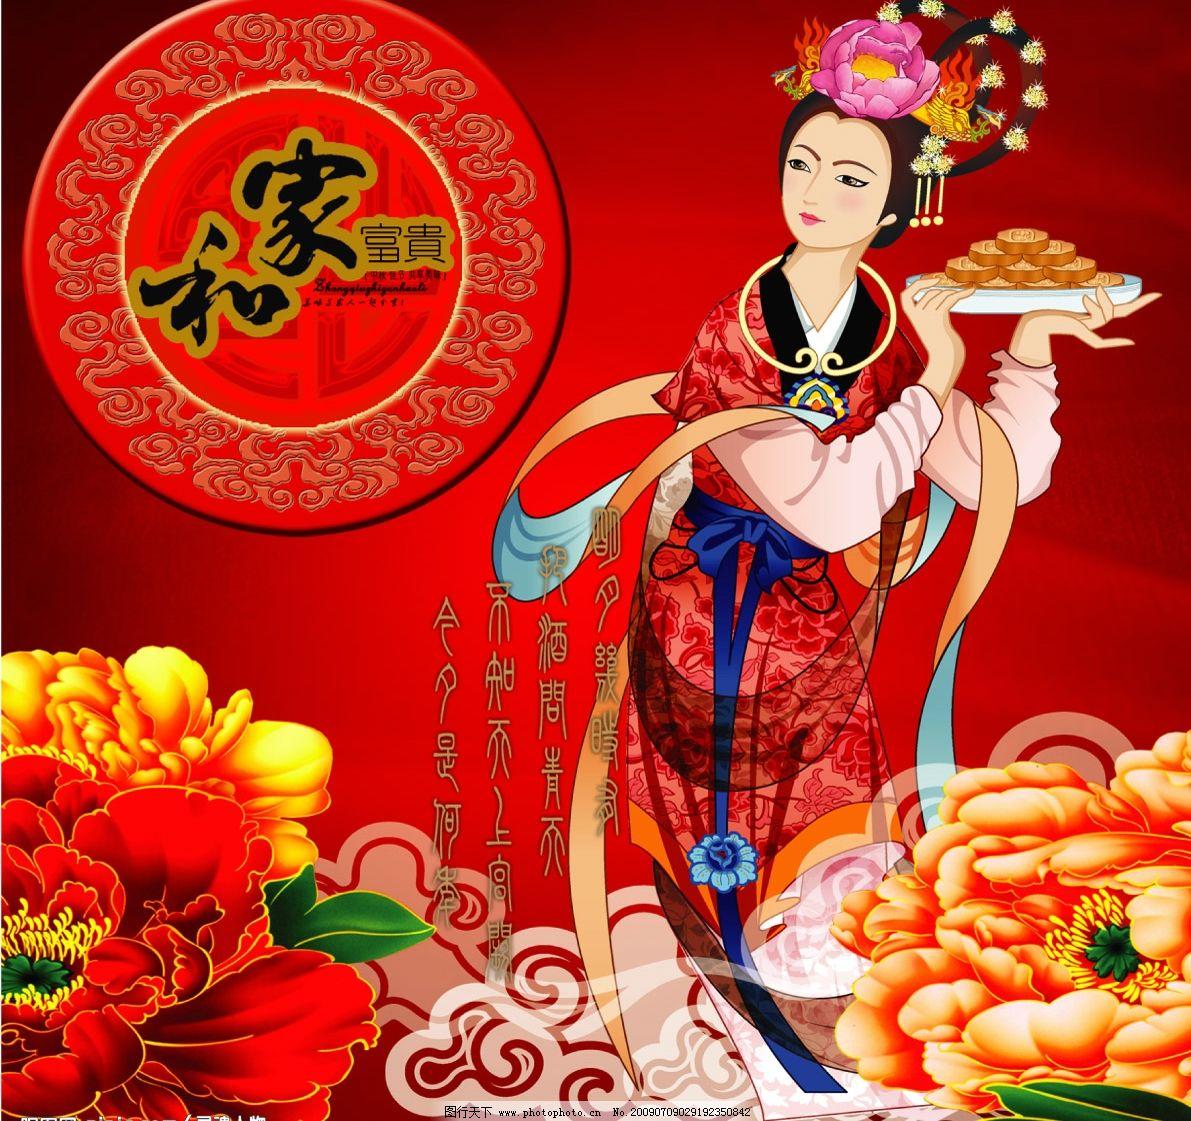 中秋月饼包装 嫦娥 牡丹花 超市 设计图 矢量图 字体设计 海报